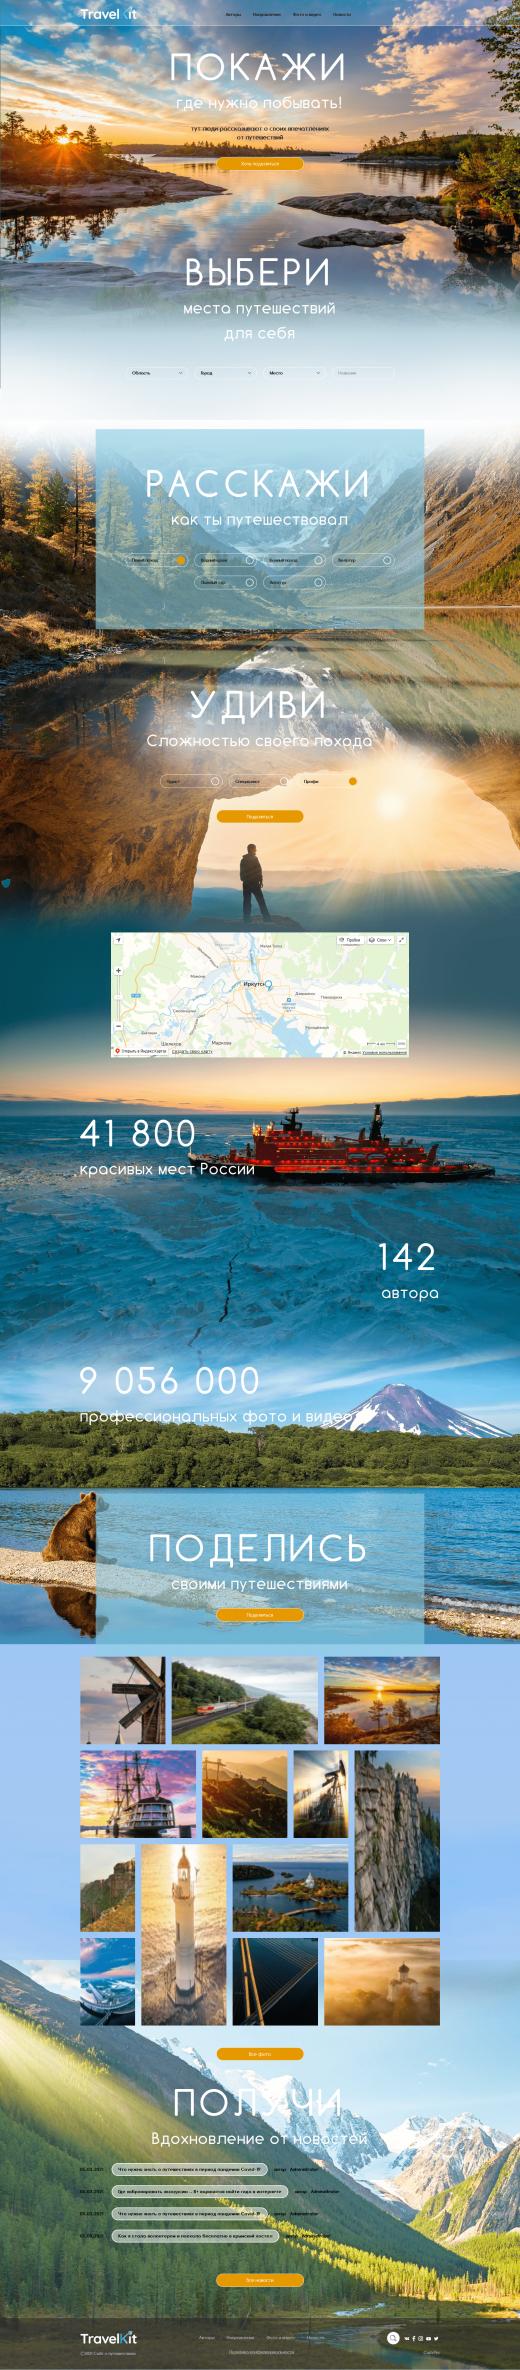 Сайт портал для путешественников